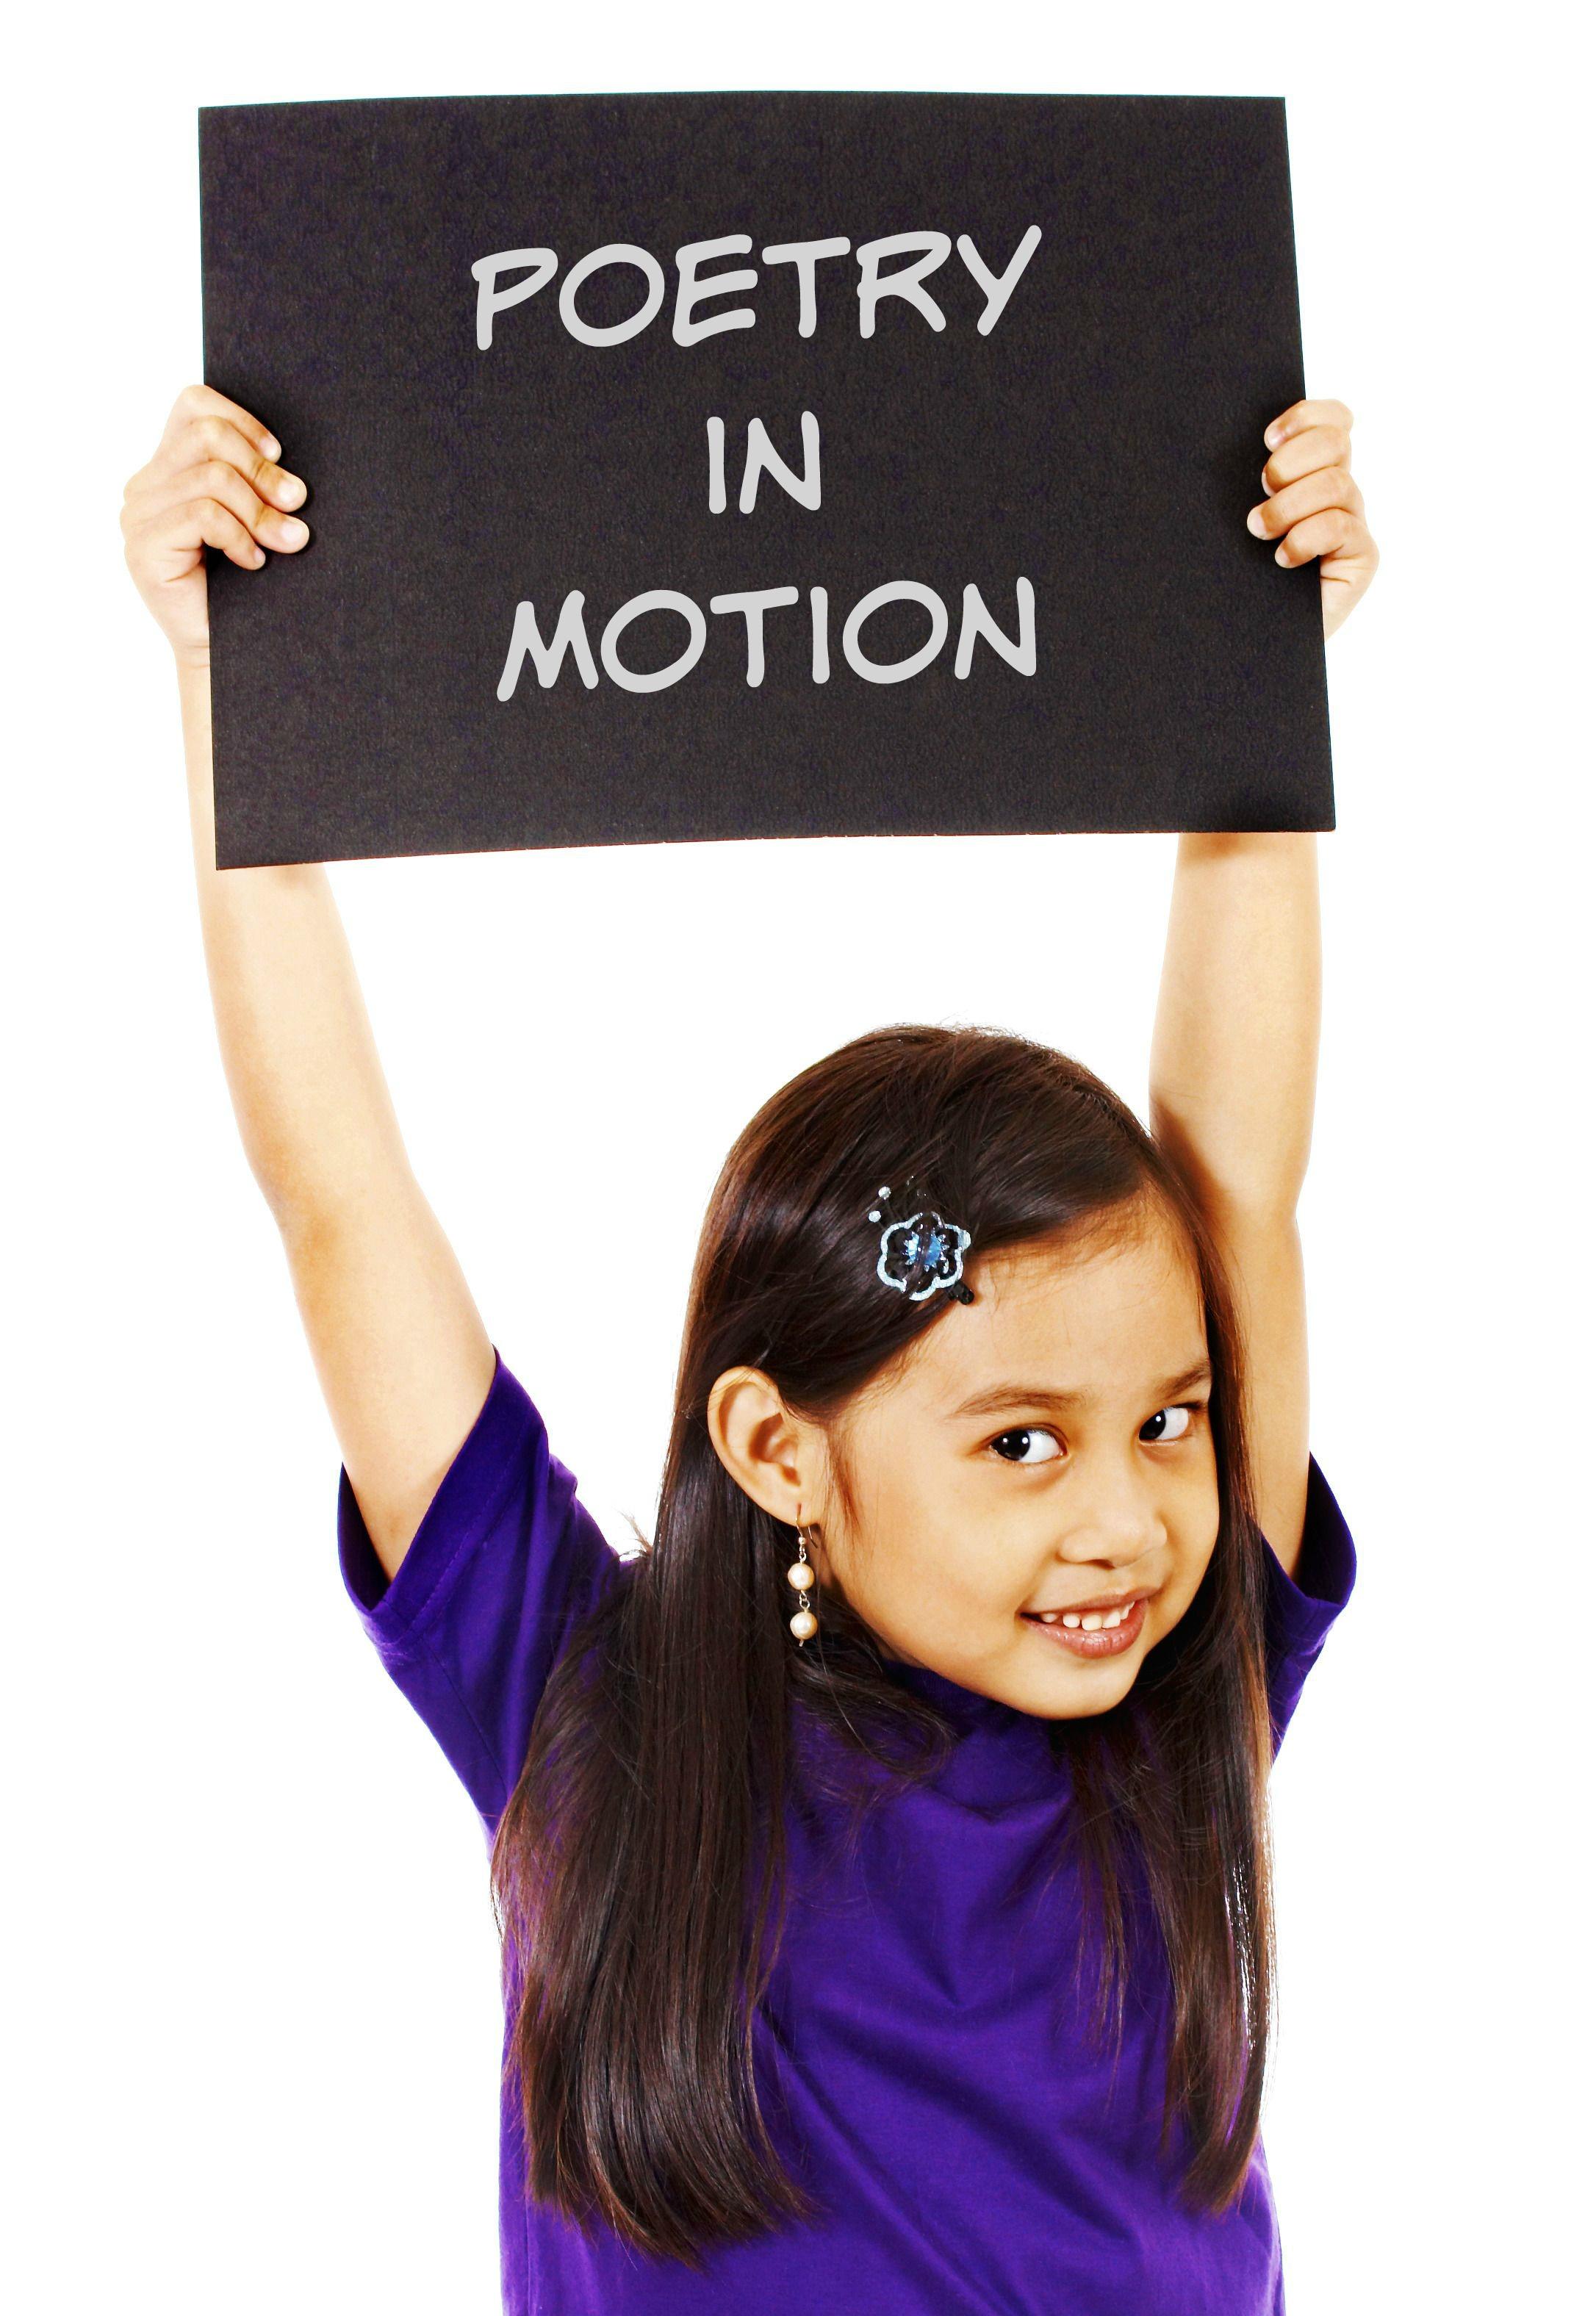 child care provider definition